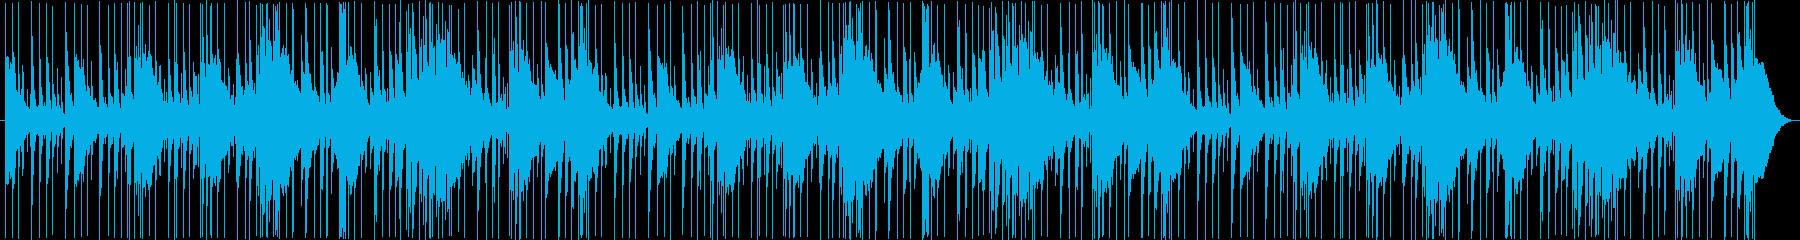 ドラムフィルとシンバルヒットが素晴...の再生済みの波形